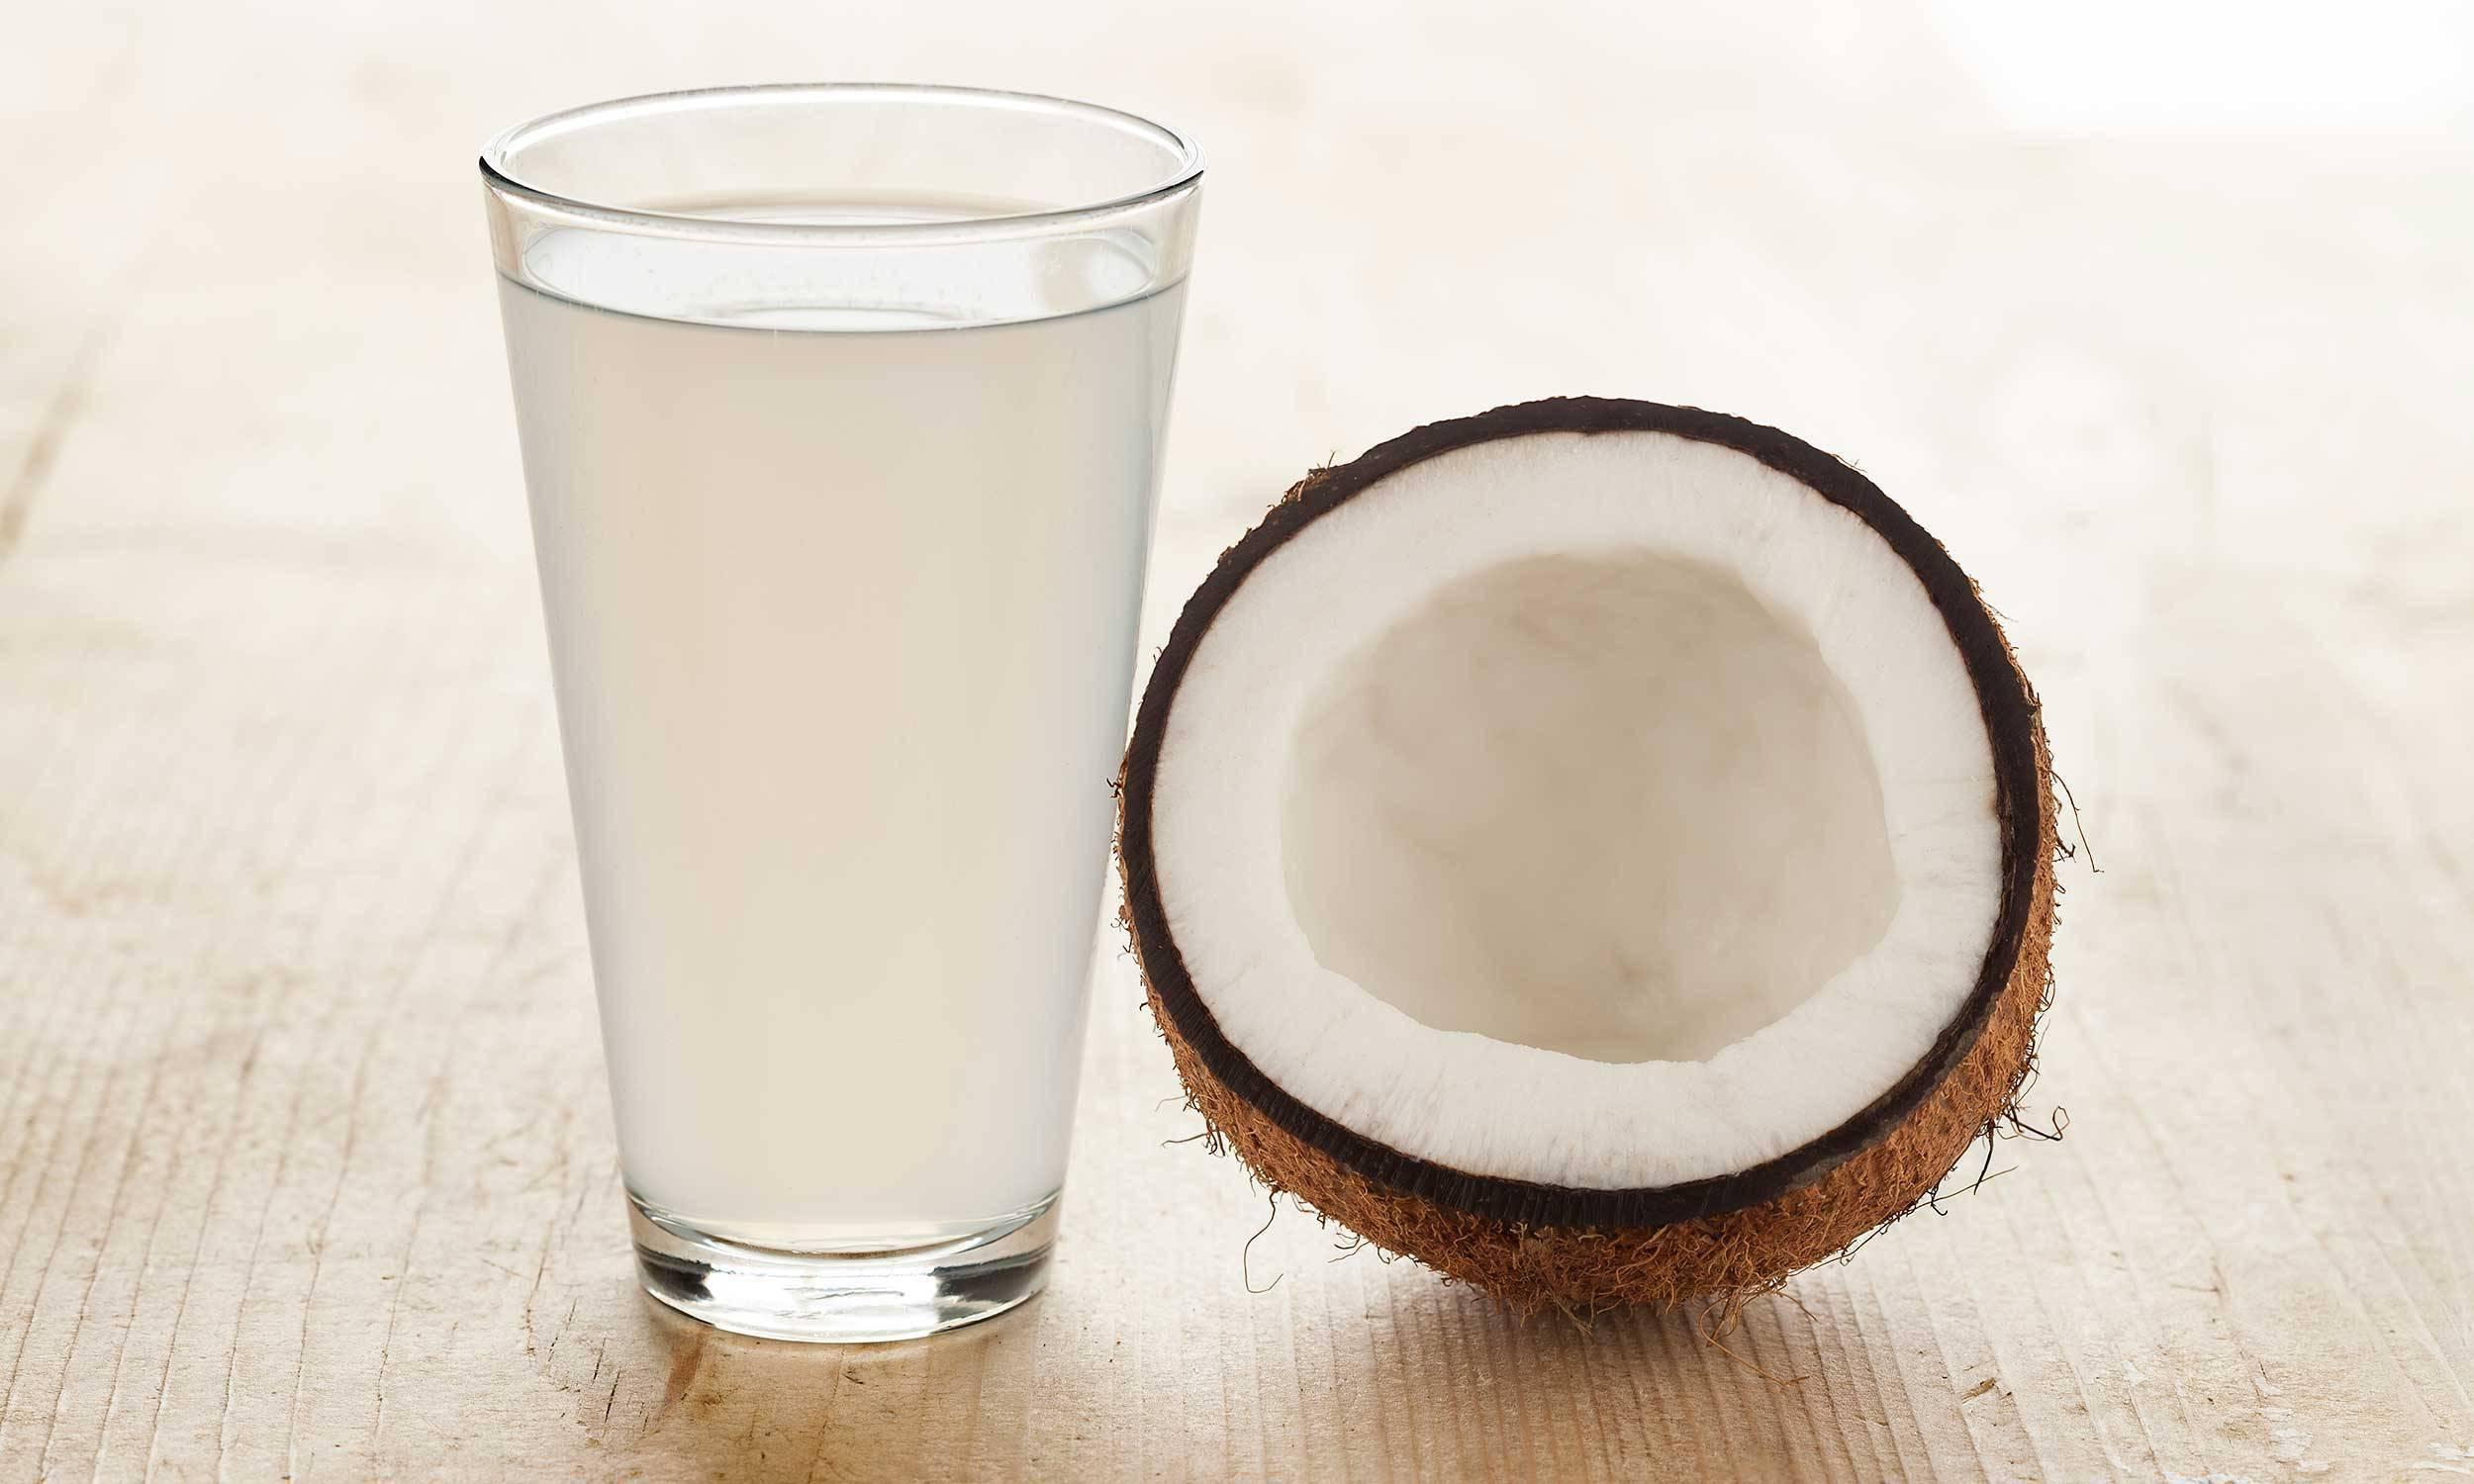 Кокосовая вода вред и польза и вред - всё для пользы